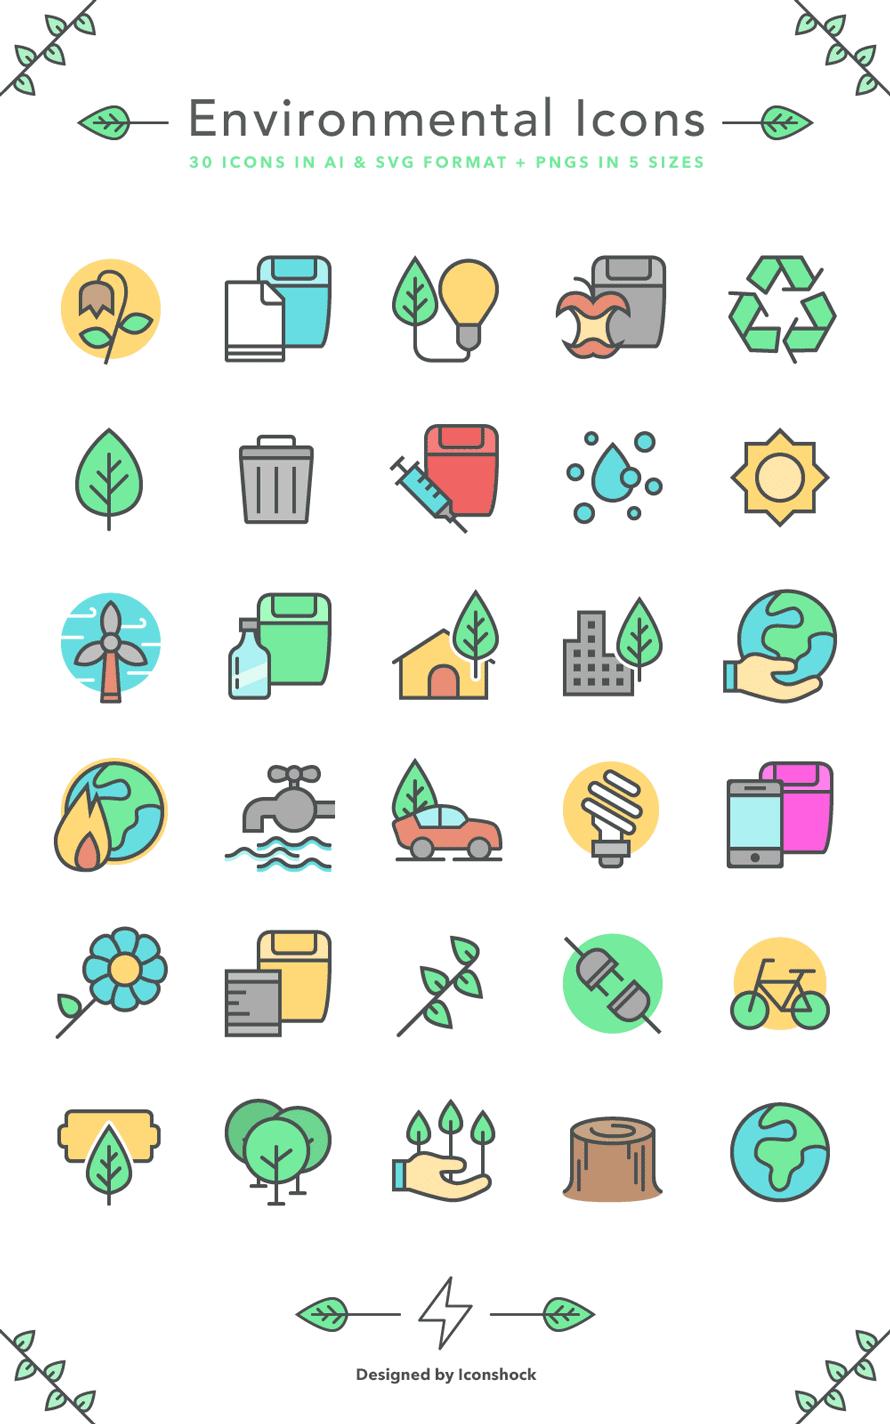 30 Free Environmental Icons